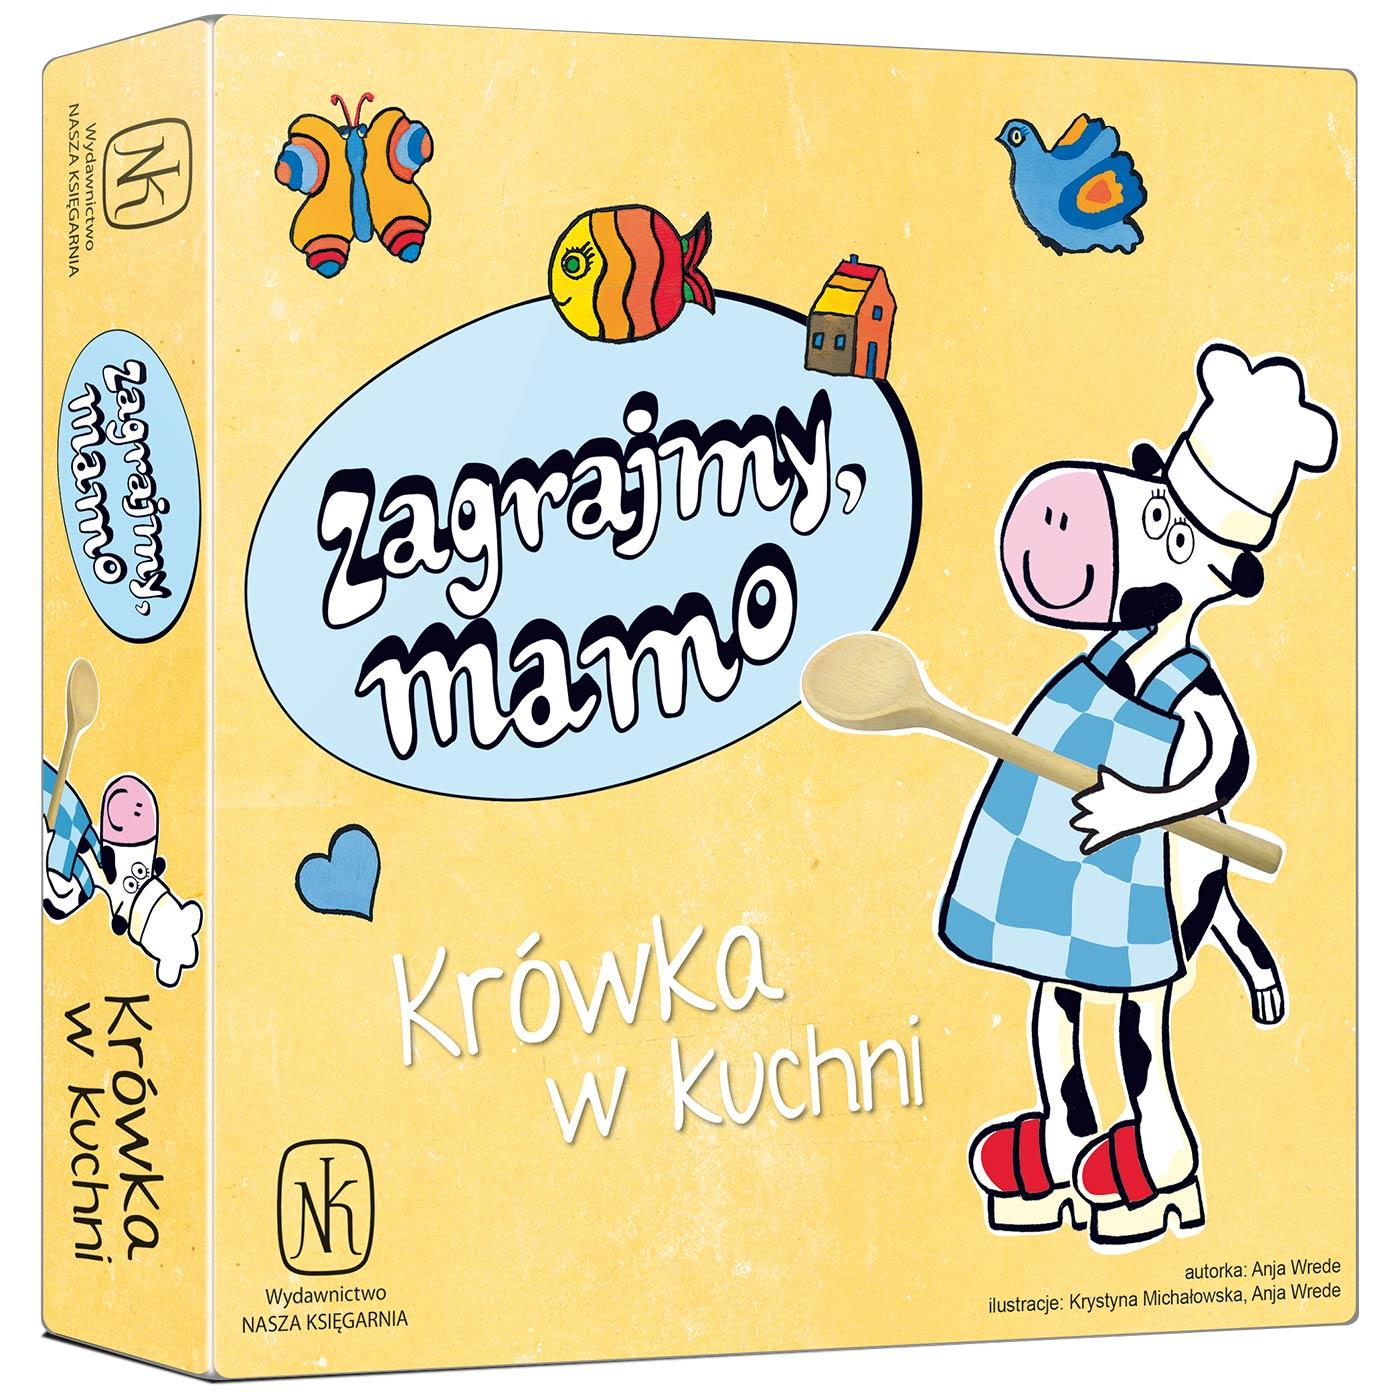 _gra_ZAGRAJMY_MAMO - Krówka w kuchni (0)